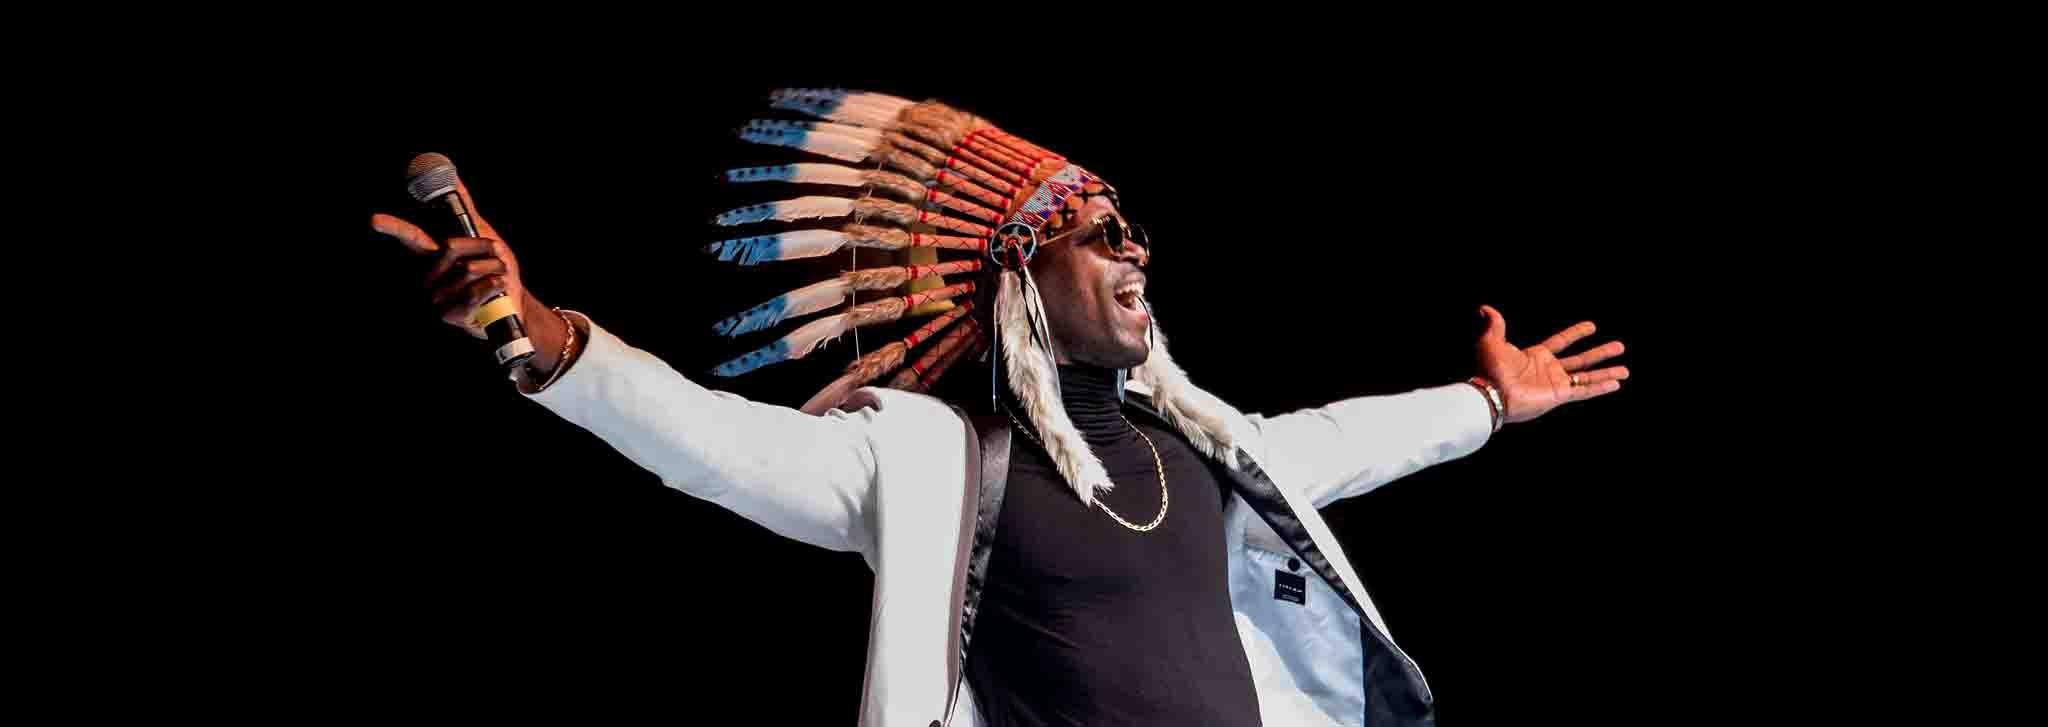 danse, danseur, animateur, présentateur, speaker, battle hip hop, battle breakdance, culture hip hop, jamiroquaï, indien, apache, rodrigue lino,